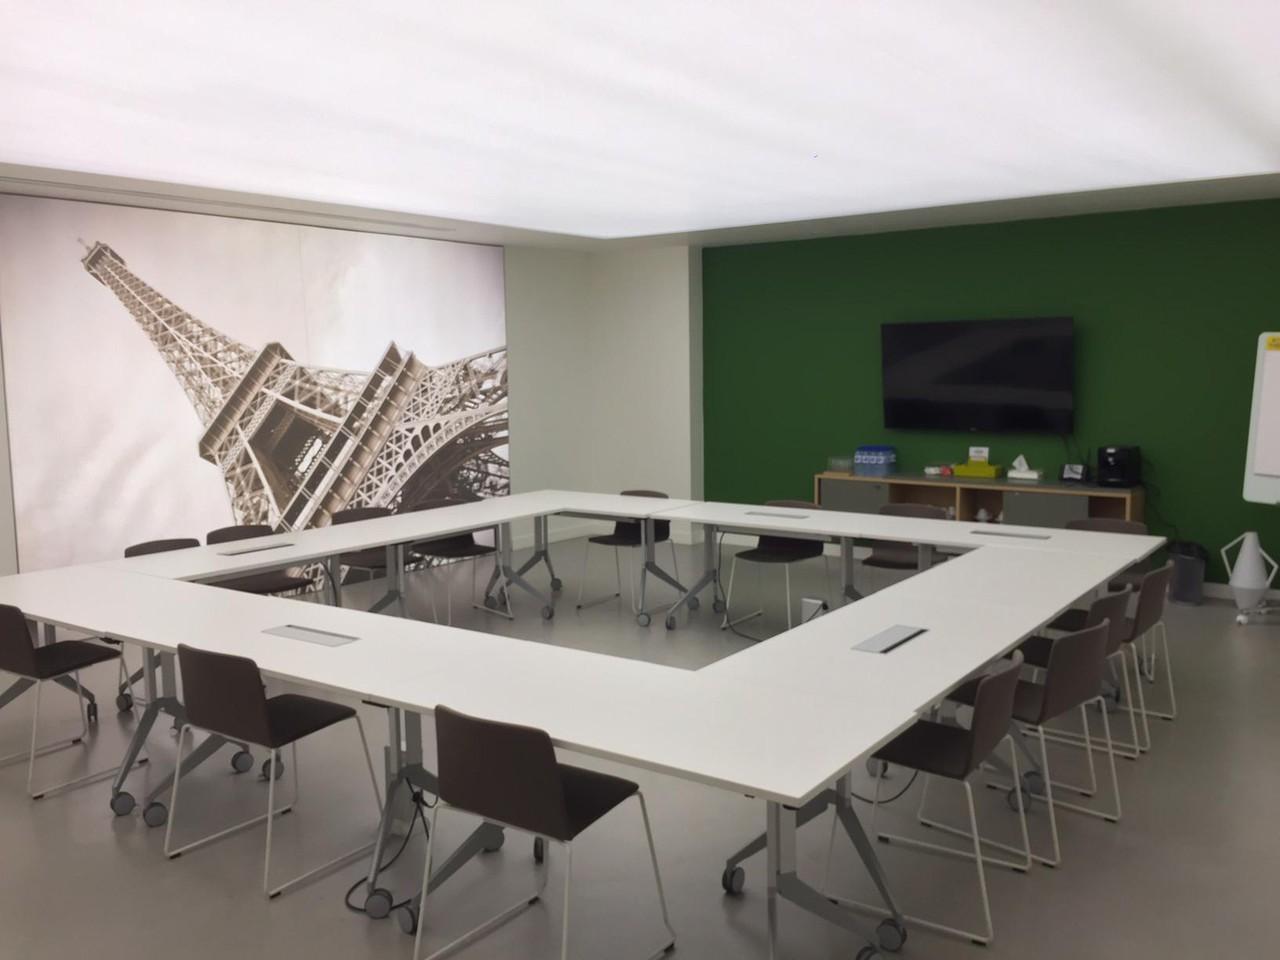 Autres villes workshop spaces Salle de réunion Regus PARIS, Spaces Réaumur salle Consortium image 10